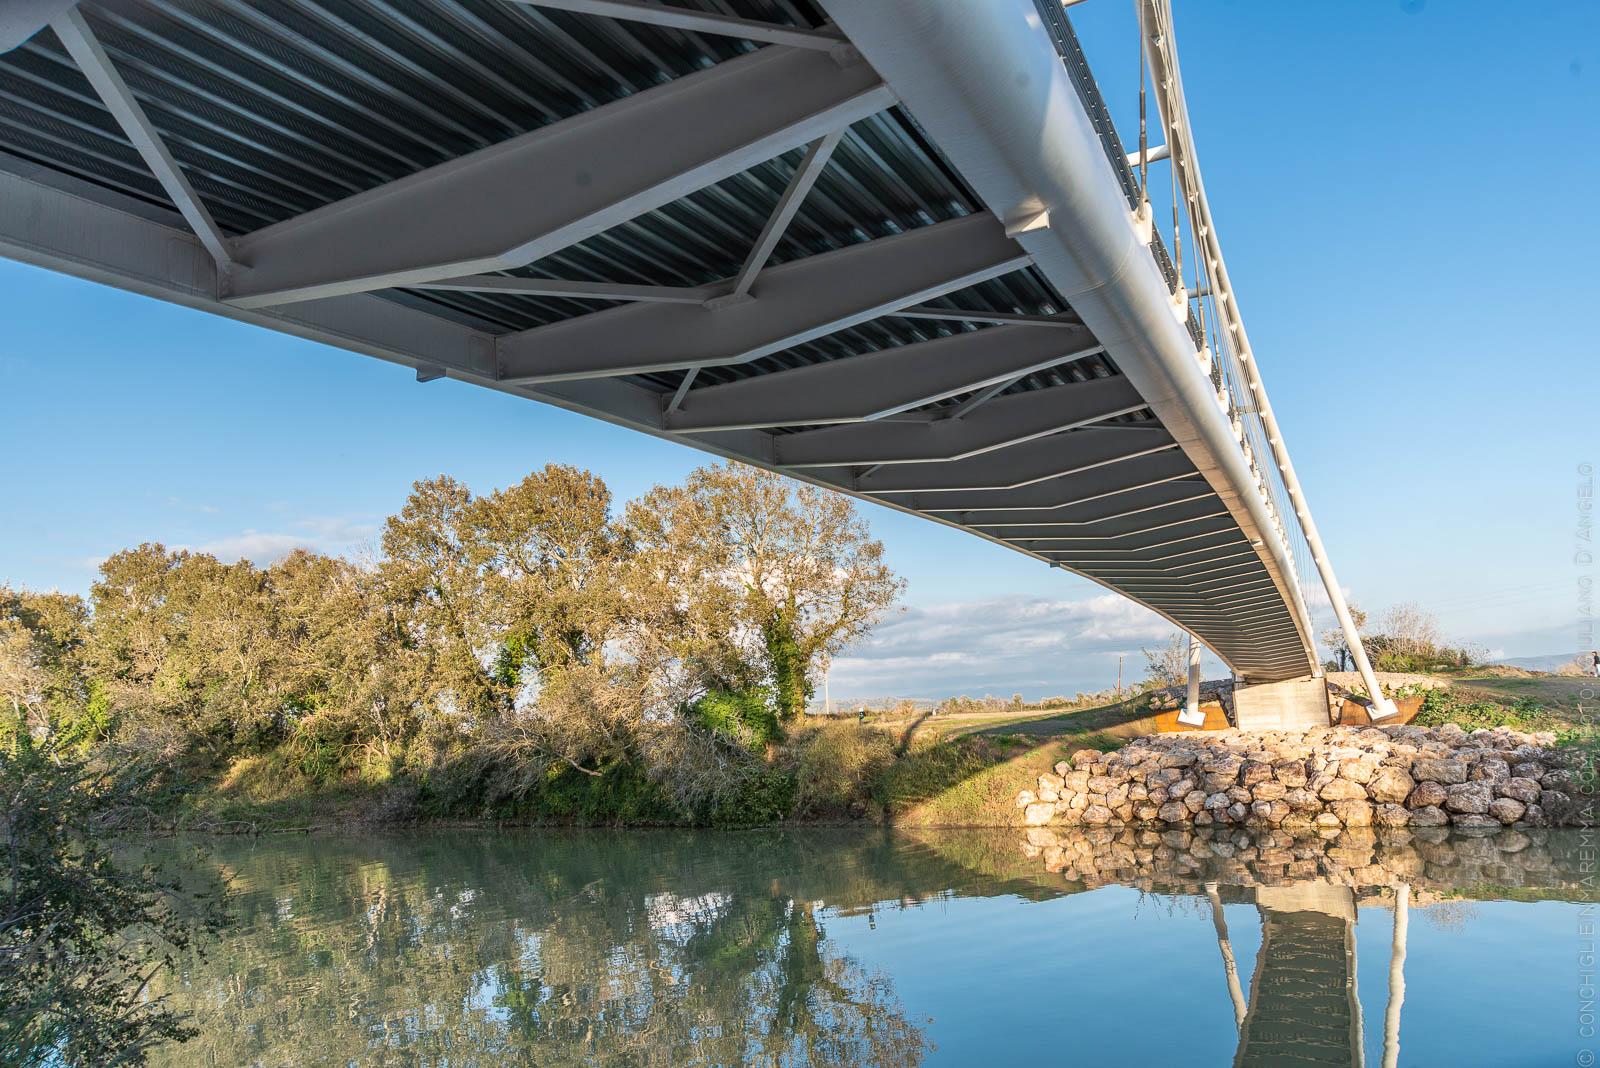 Itinerario bike: Alberese, il ponte la bonifica